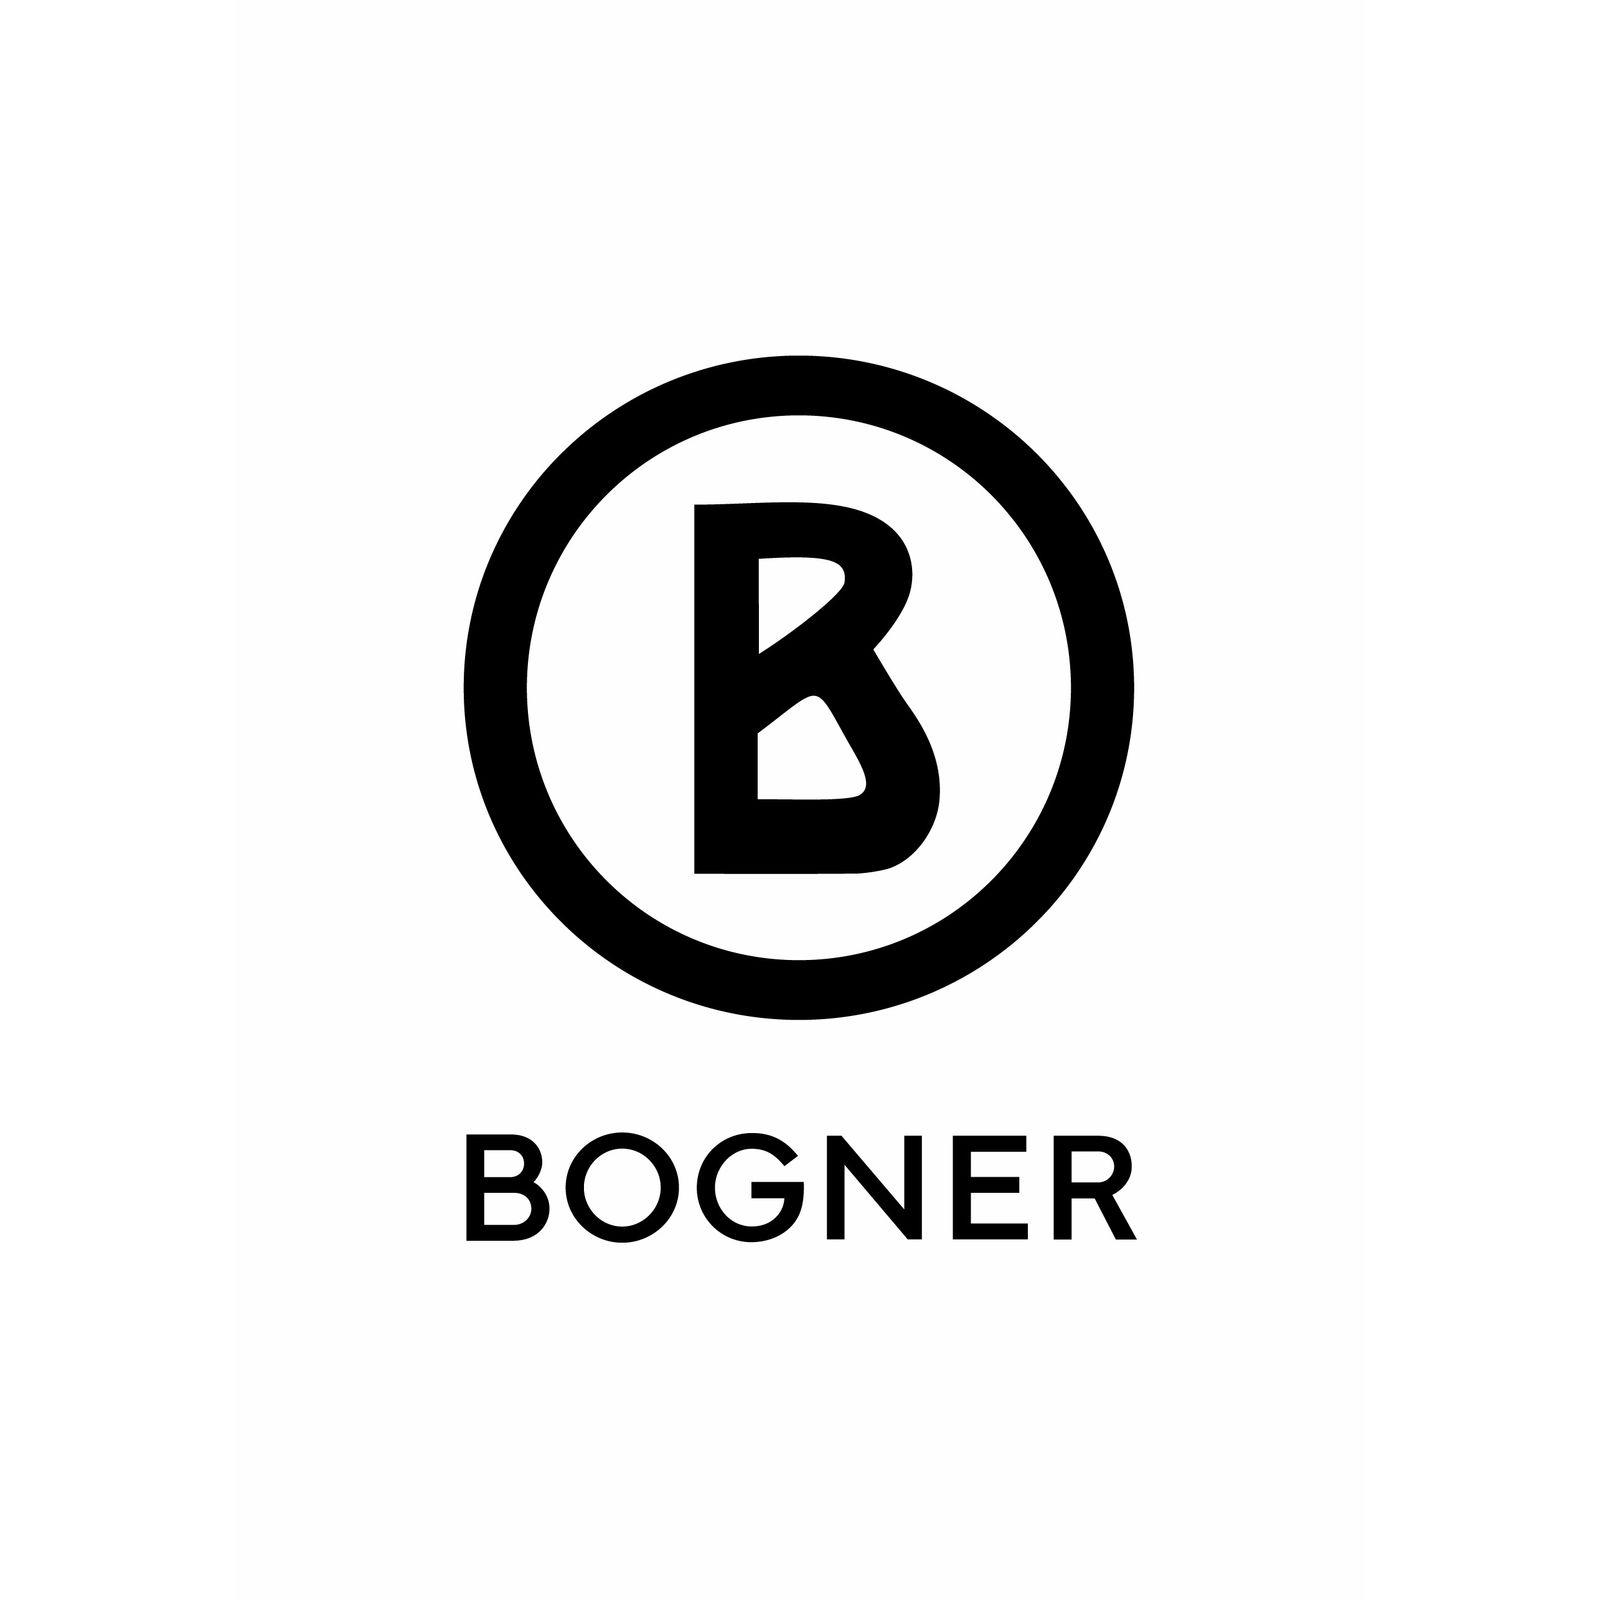 BOGNER (Изображение 1)